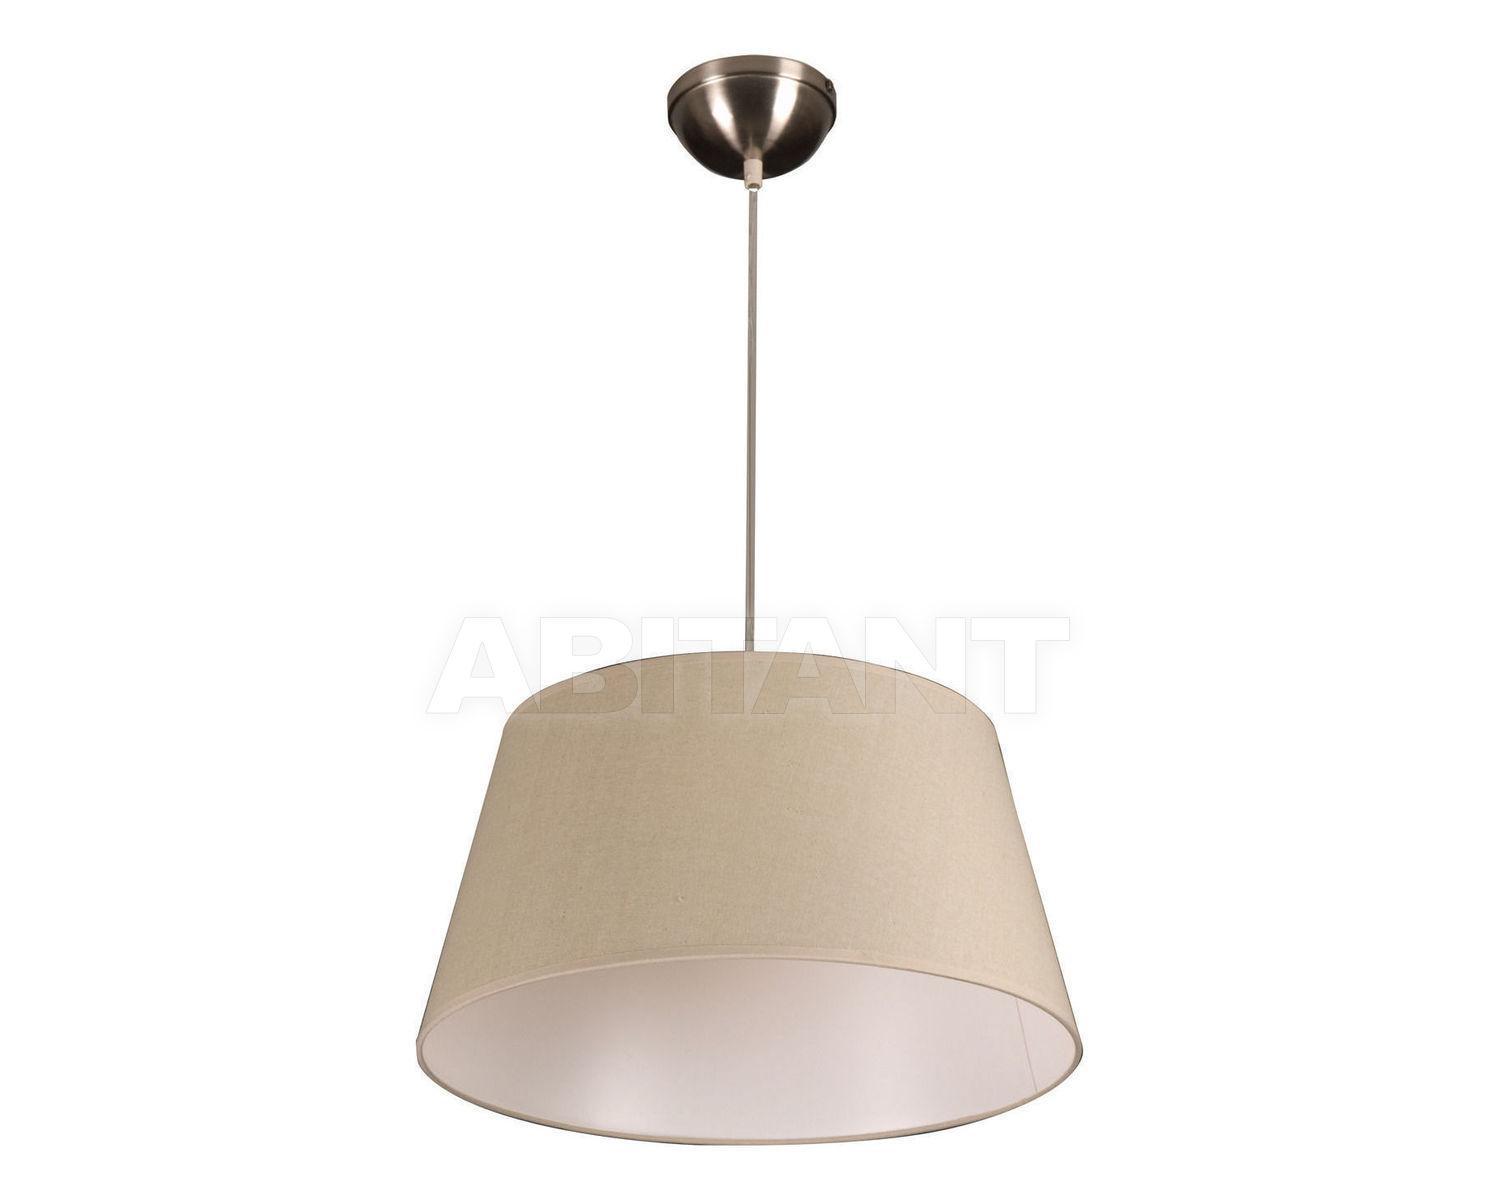 Купить Светильник Linea Verdace 2012 LV 54009/C